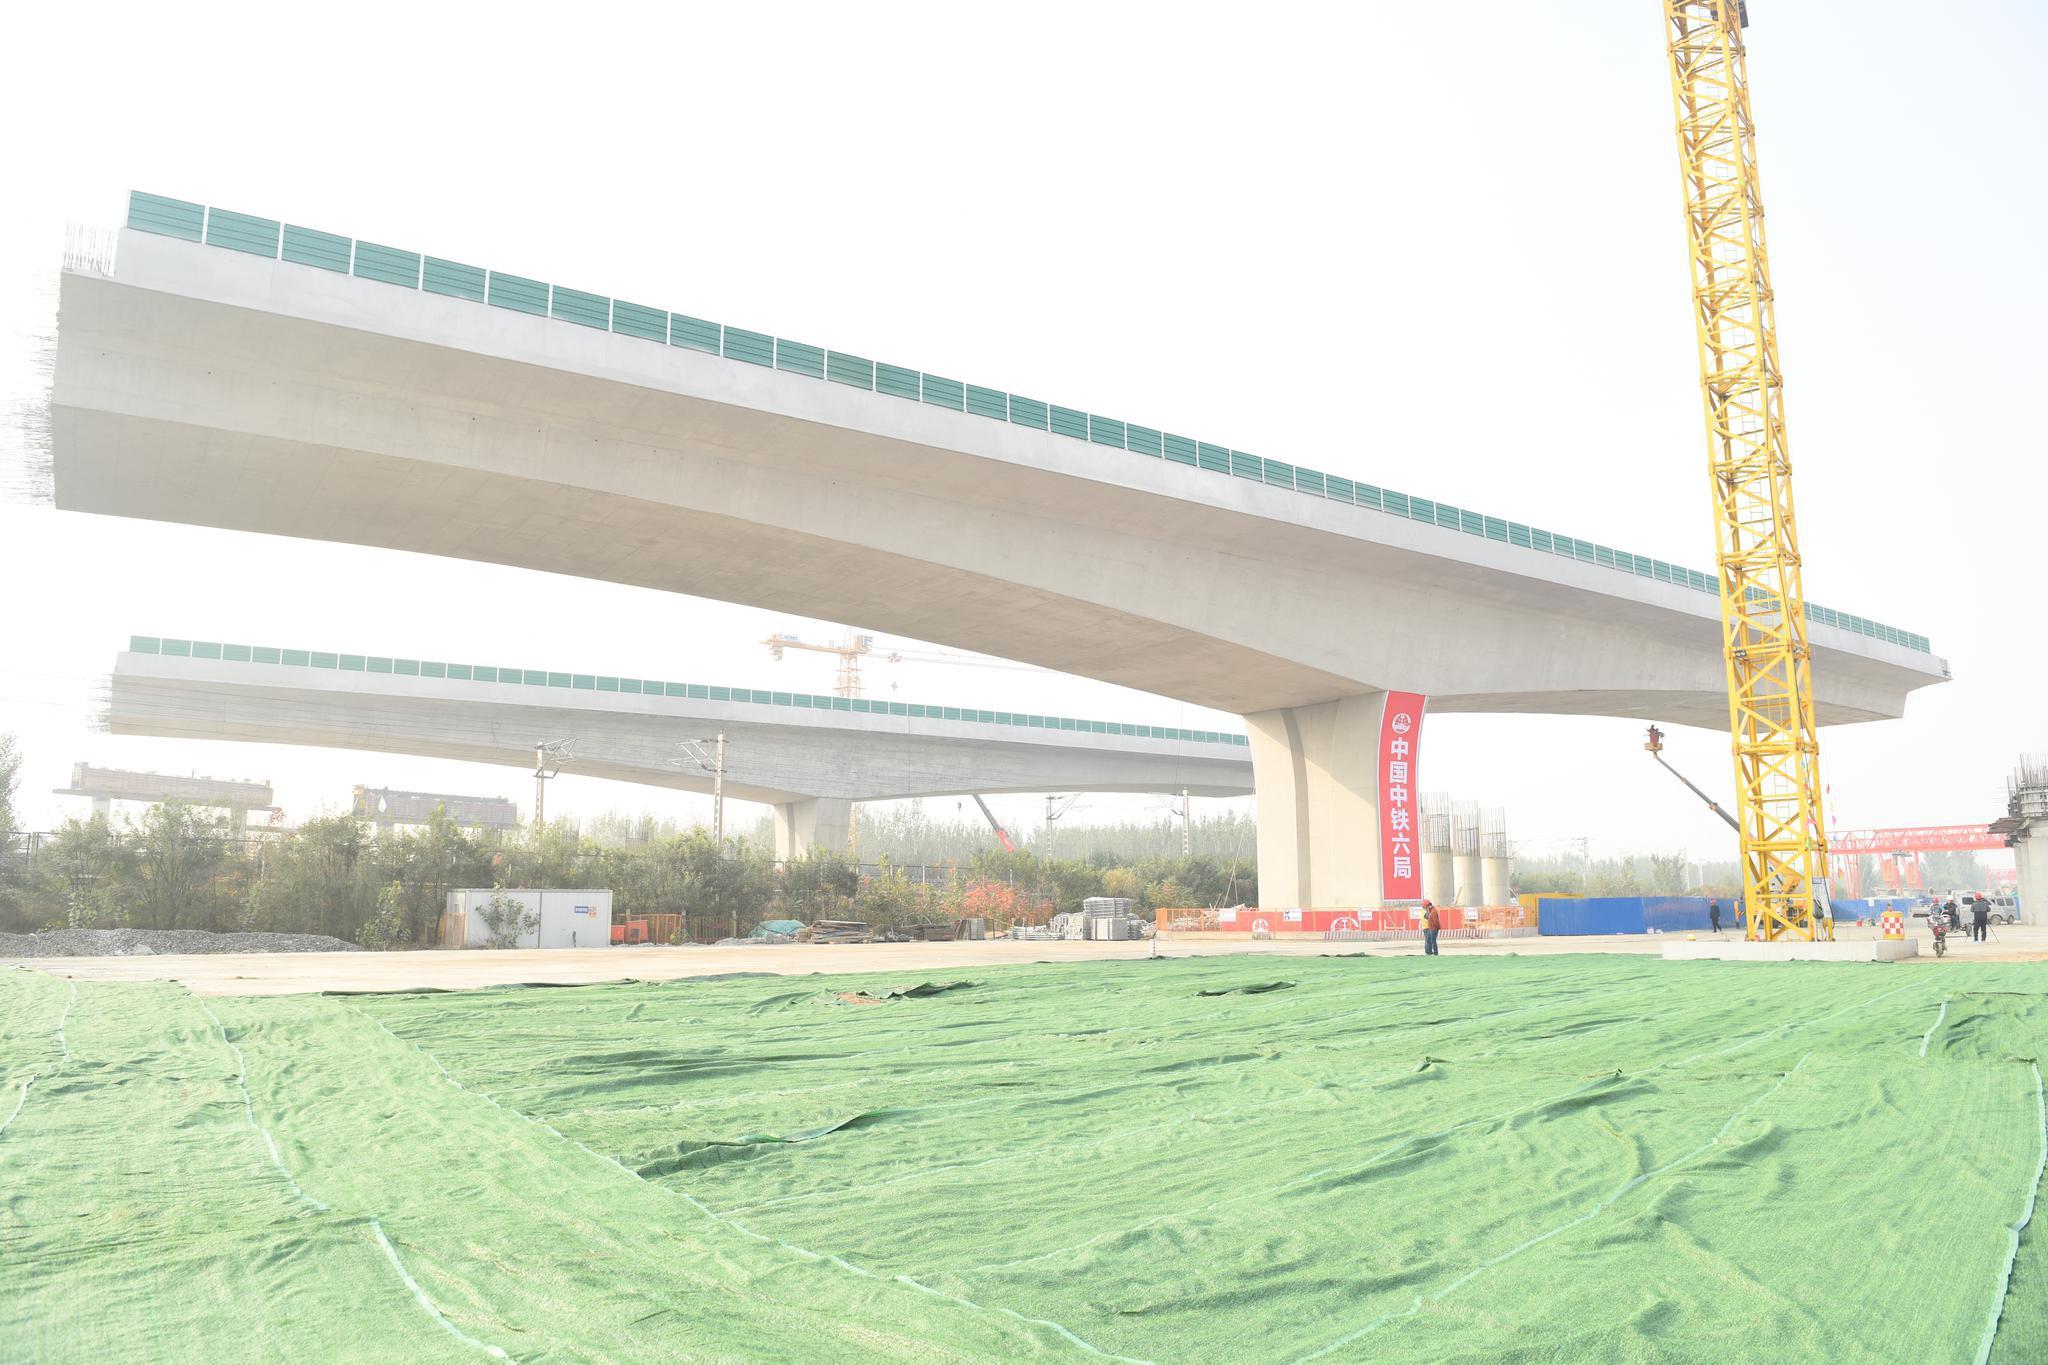 位于雄安新区的上跨京九铁路双幅转体桥成功转体